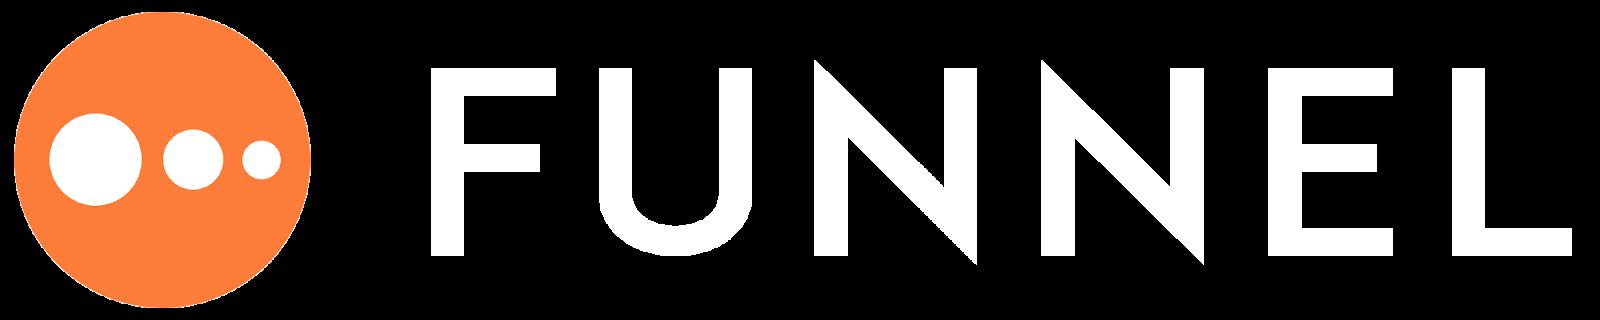 Funnel's logo